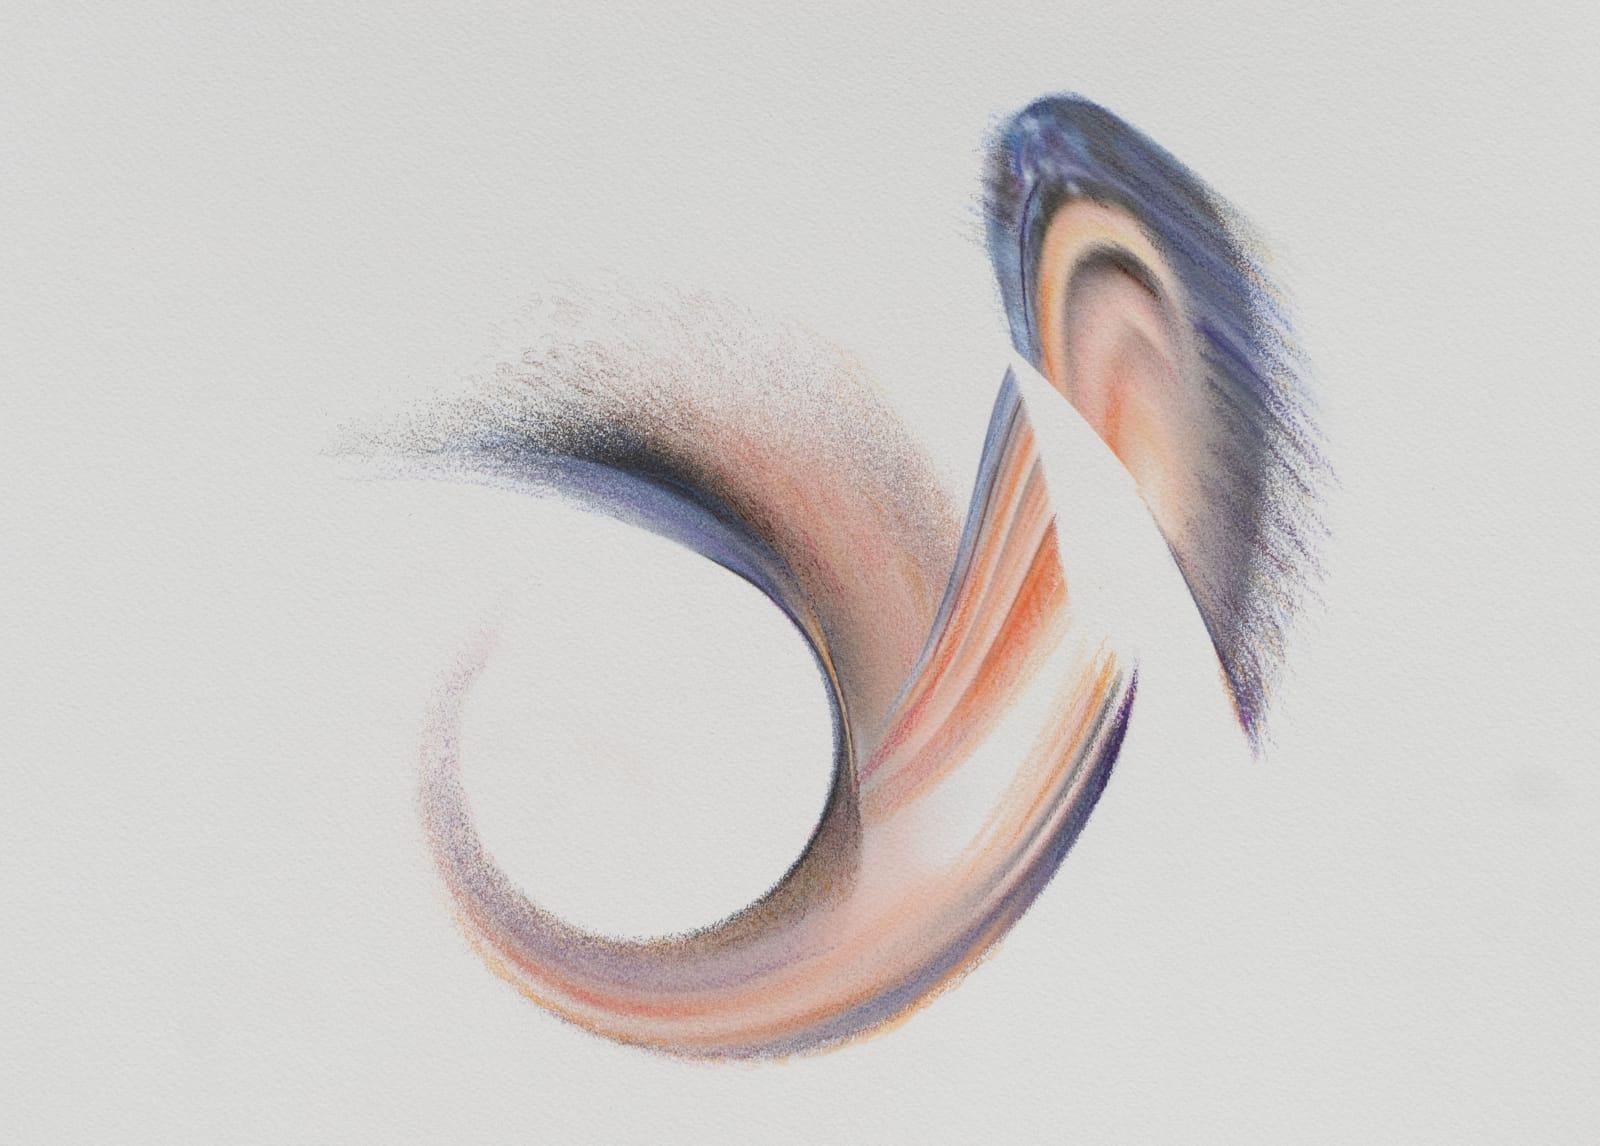 Twisting Dust, 2021